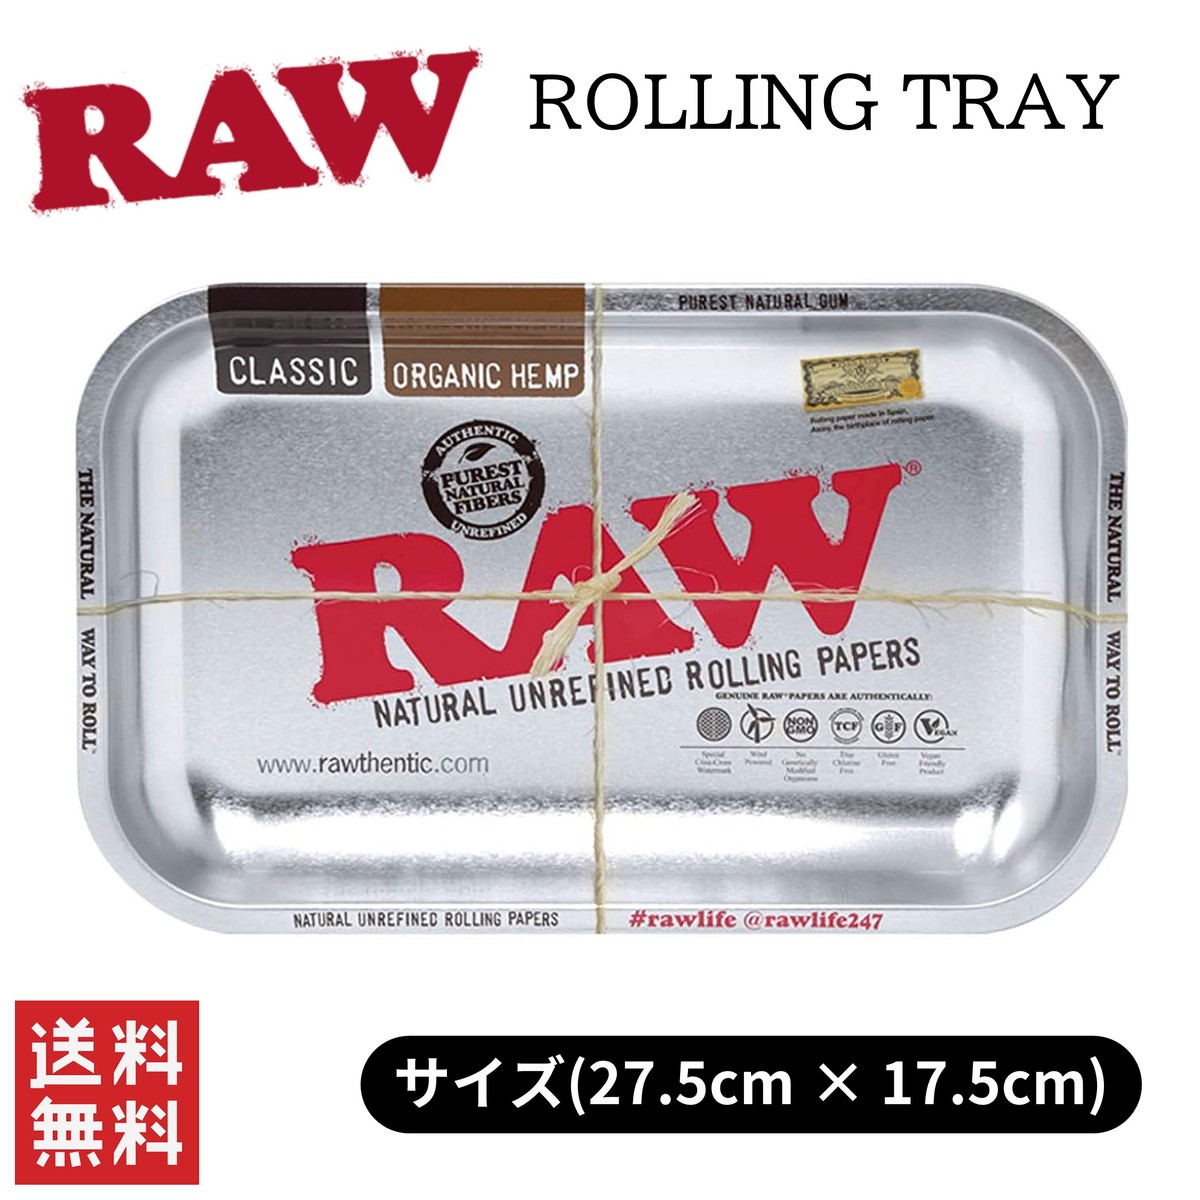 送料無料 RAW ROLLING TRAY シルバー ロウ 手巻きたばこ 大特価!! トレイ 喫煙具 中古 ローリング